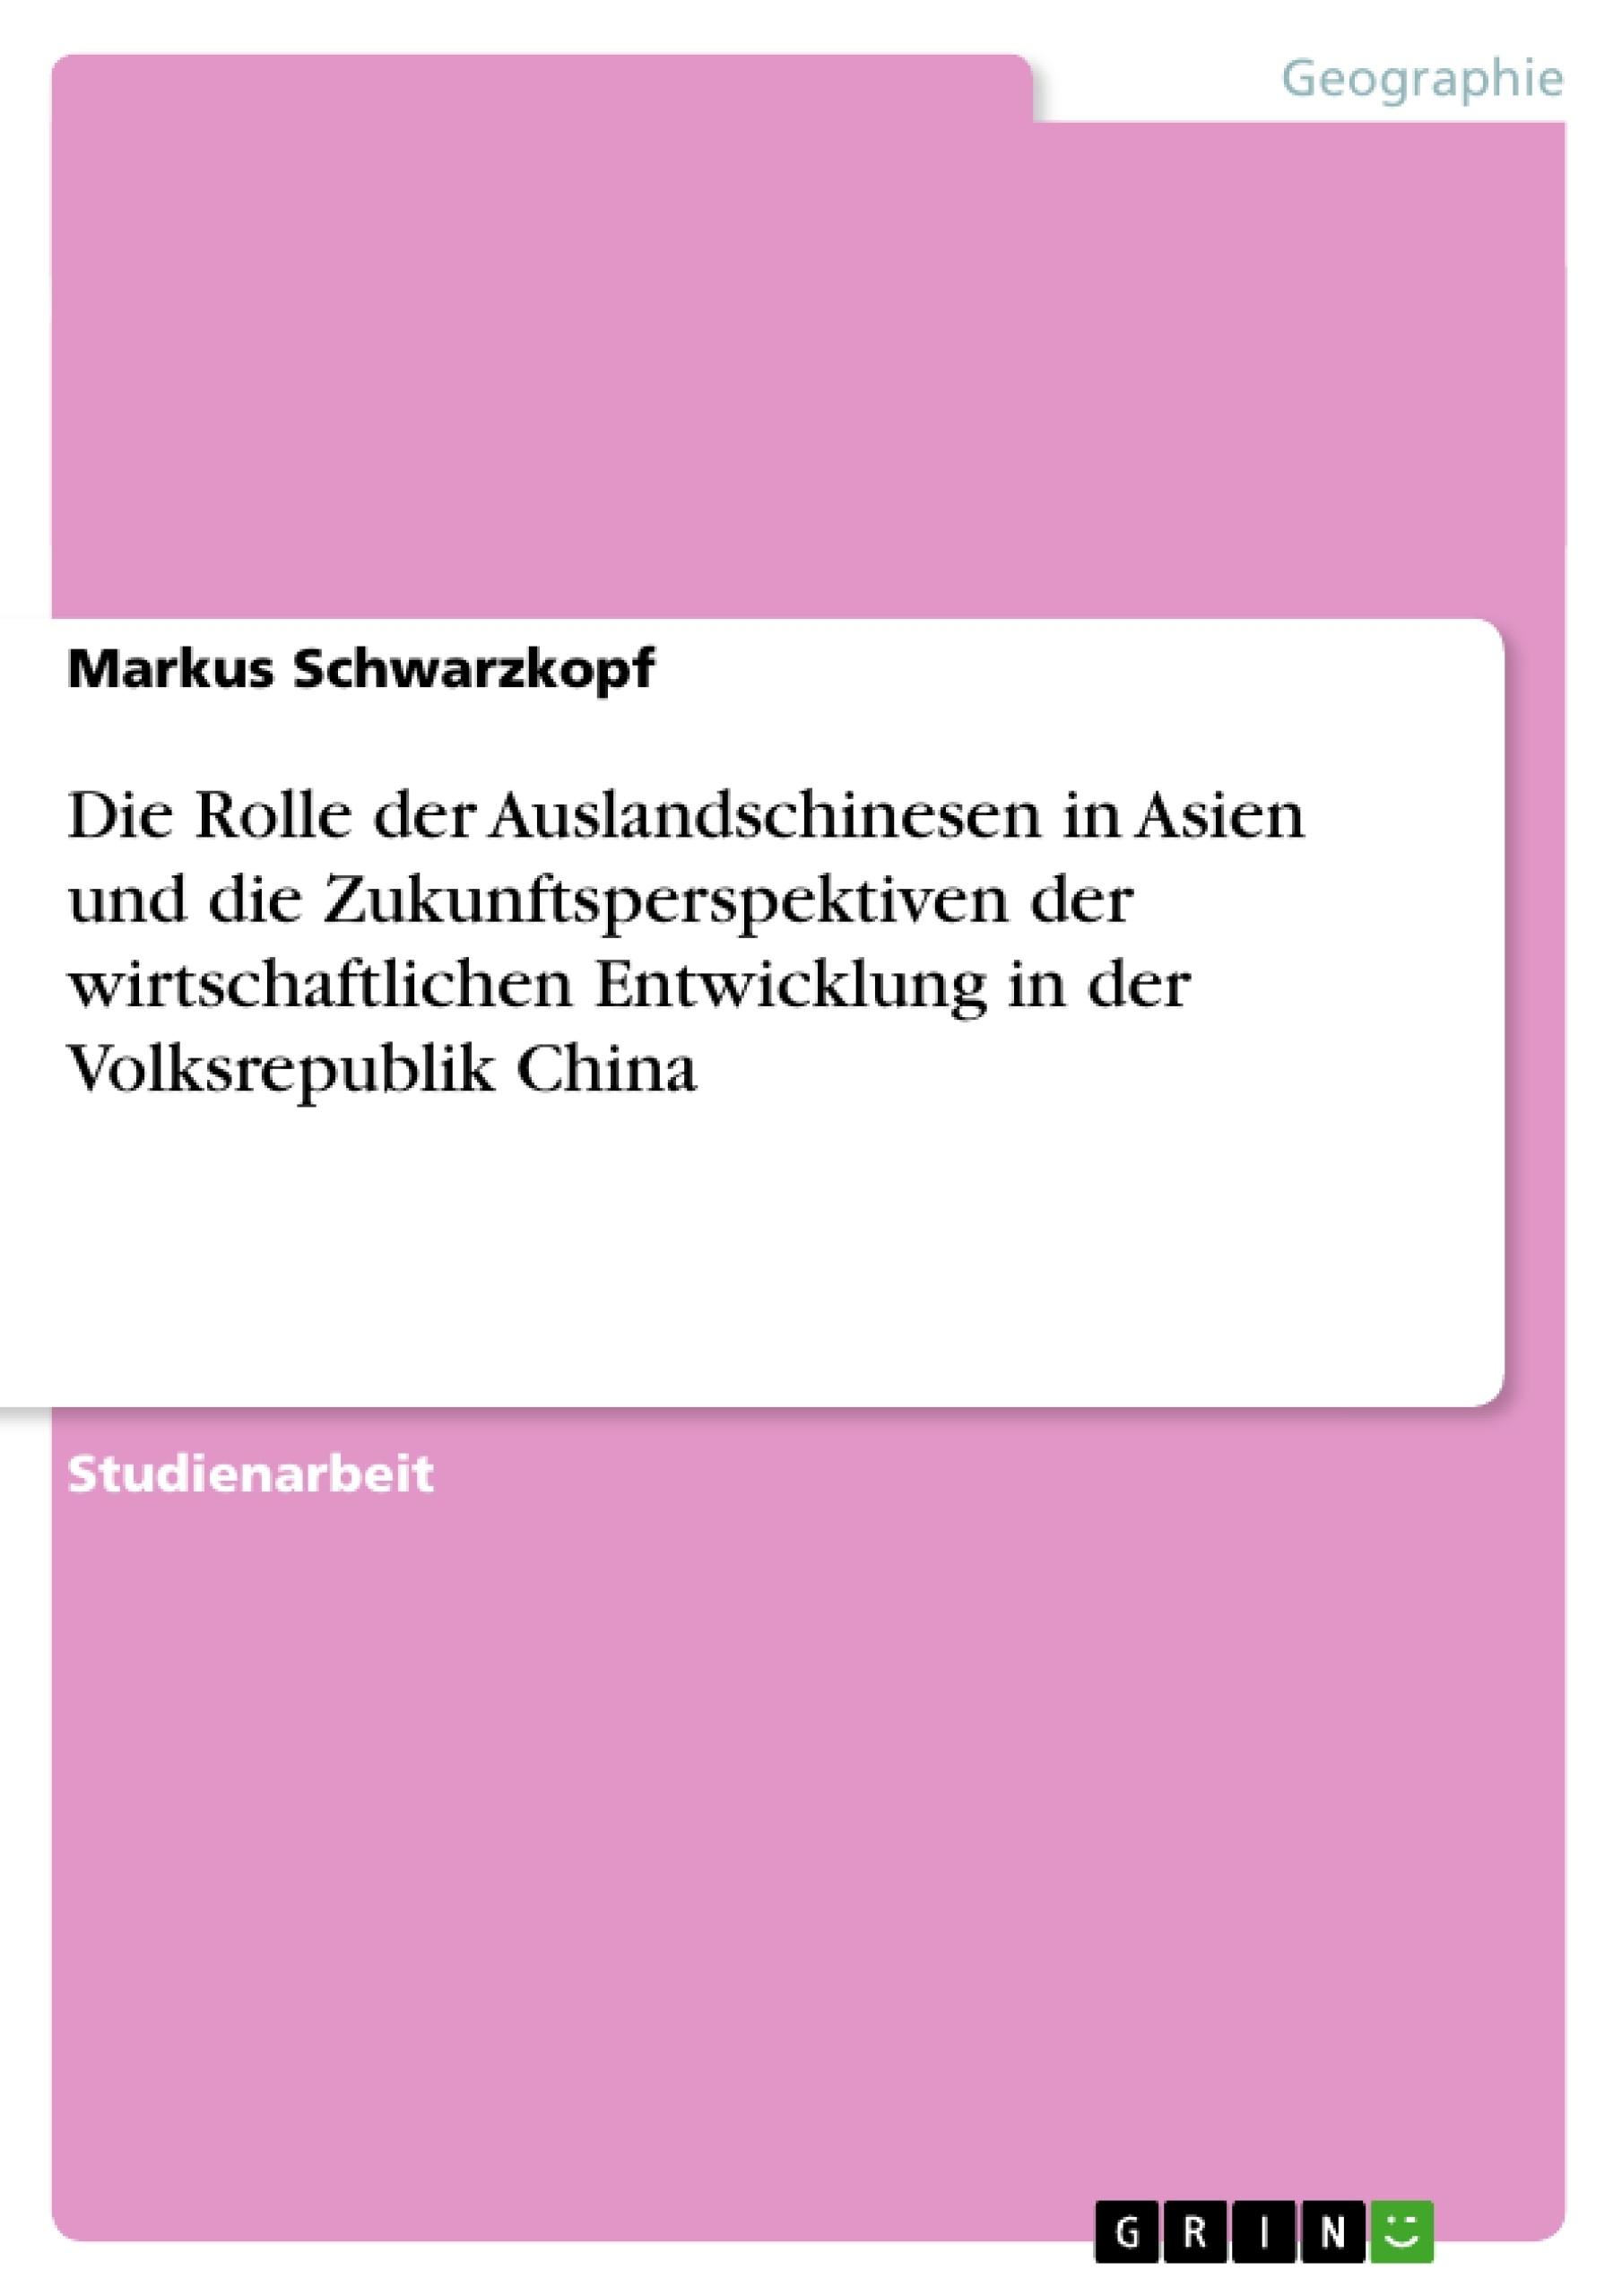 Titel: Die Rolle der Auslandschinesen in Asien und die Zukunftsperspektiven der wirtschaftlichen Entwicklung in der Volksrepublik China